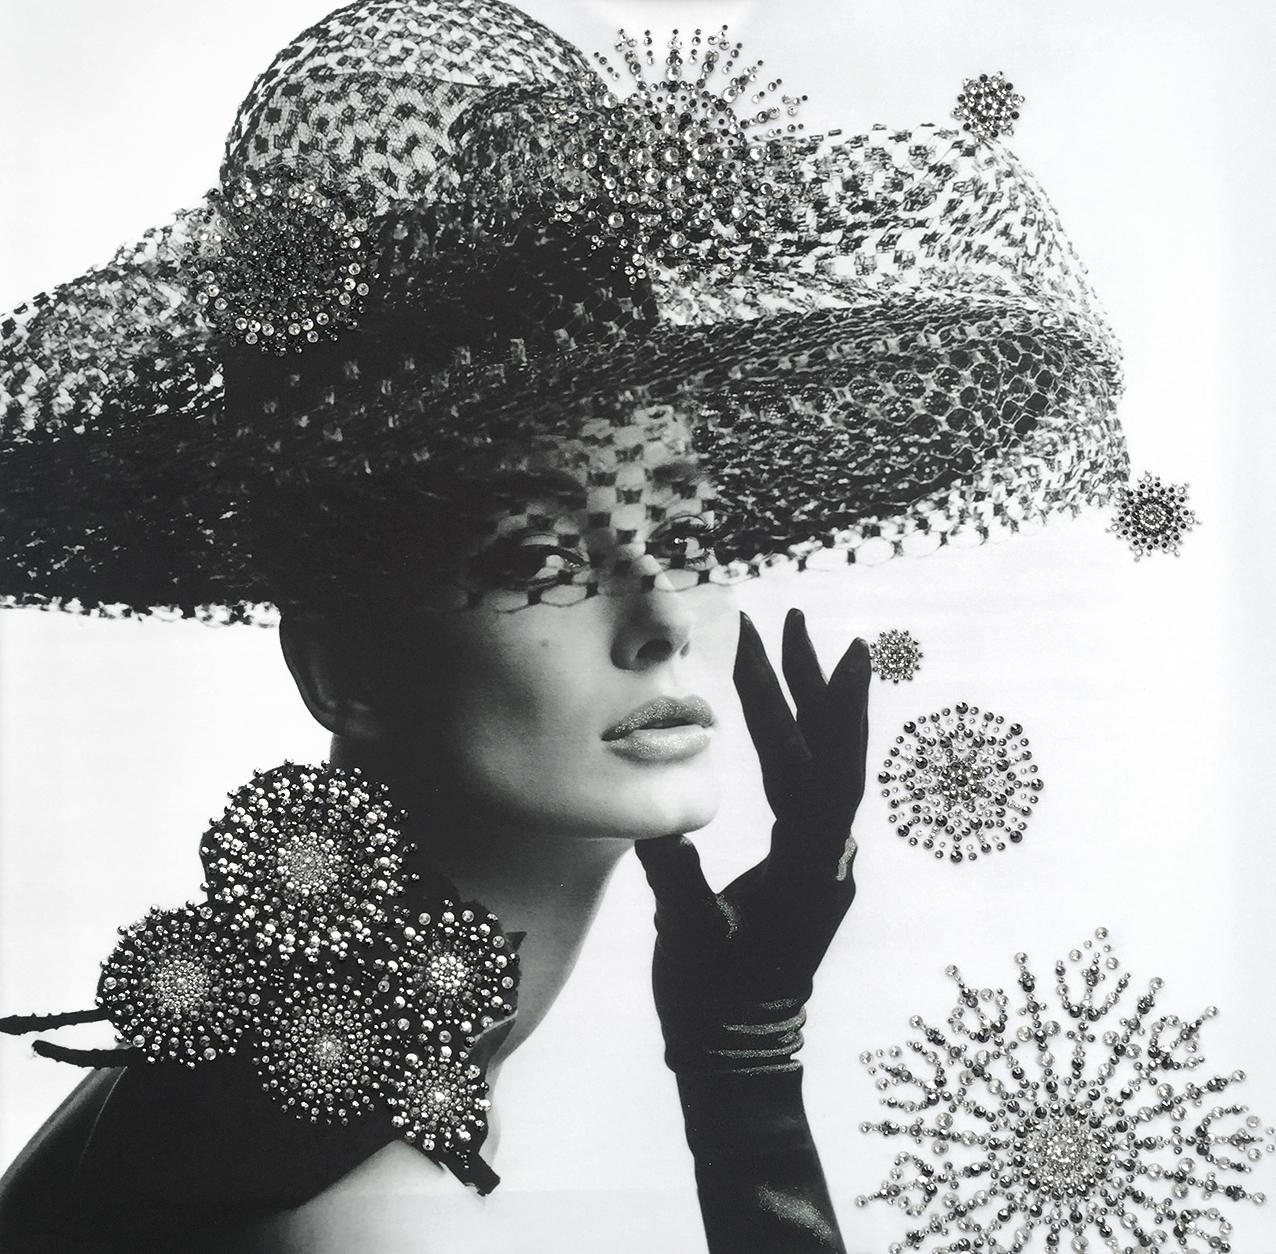 audrey - VanitartCollezione Le Donne d'EpocaMisura 70x70 cmLavorazione in cristalli Swarovski